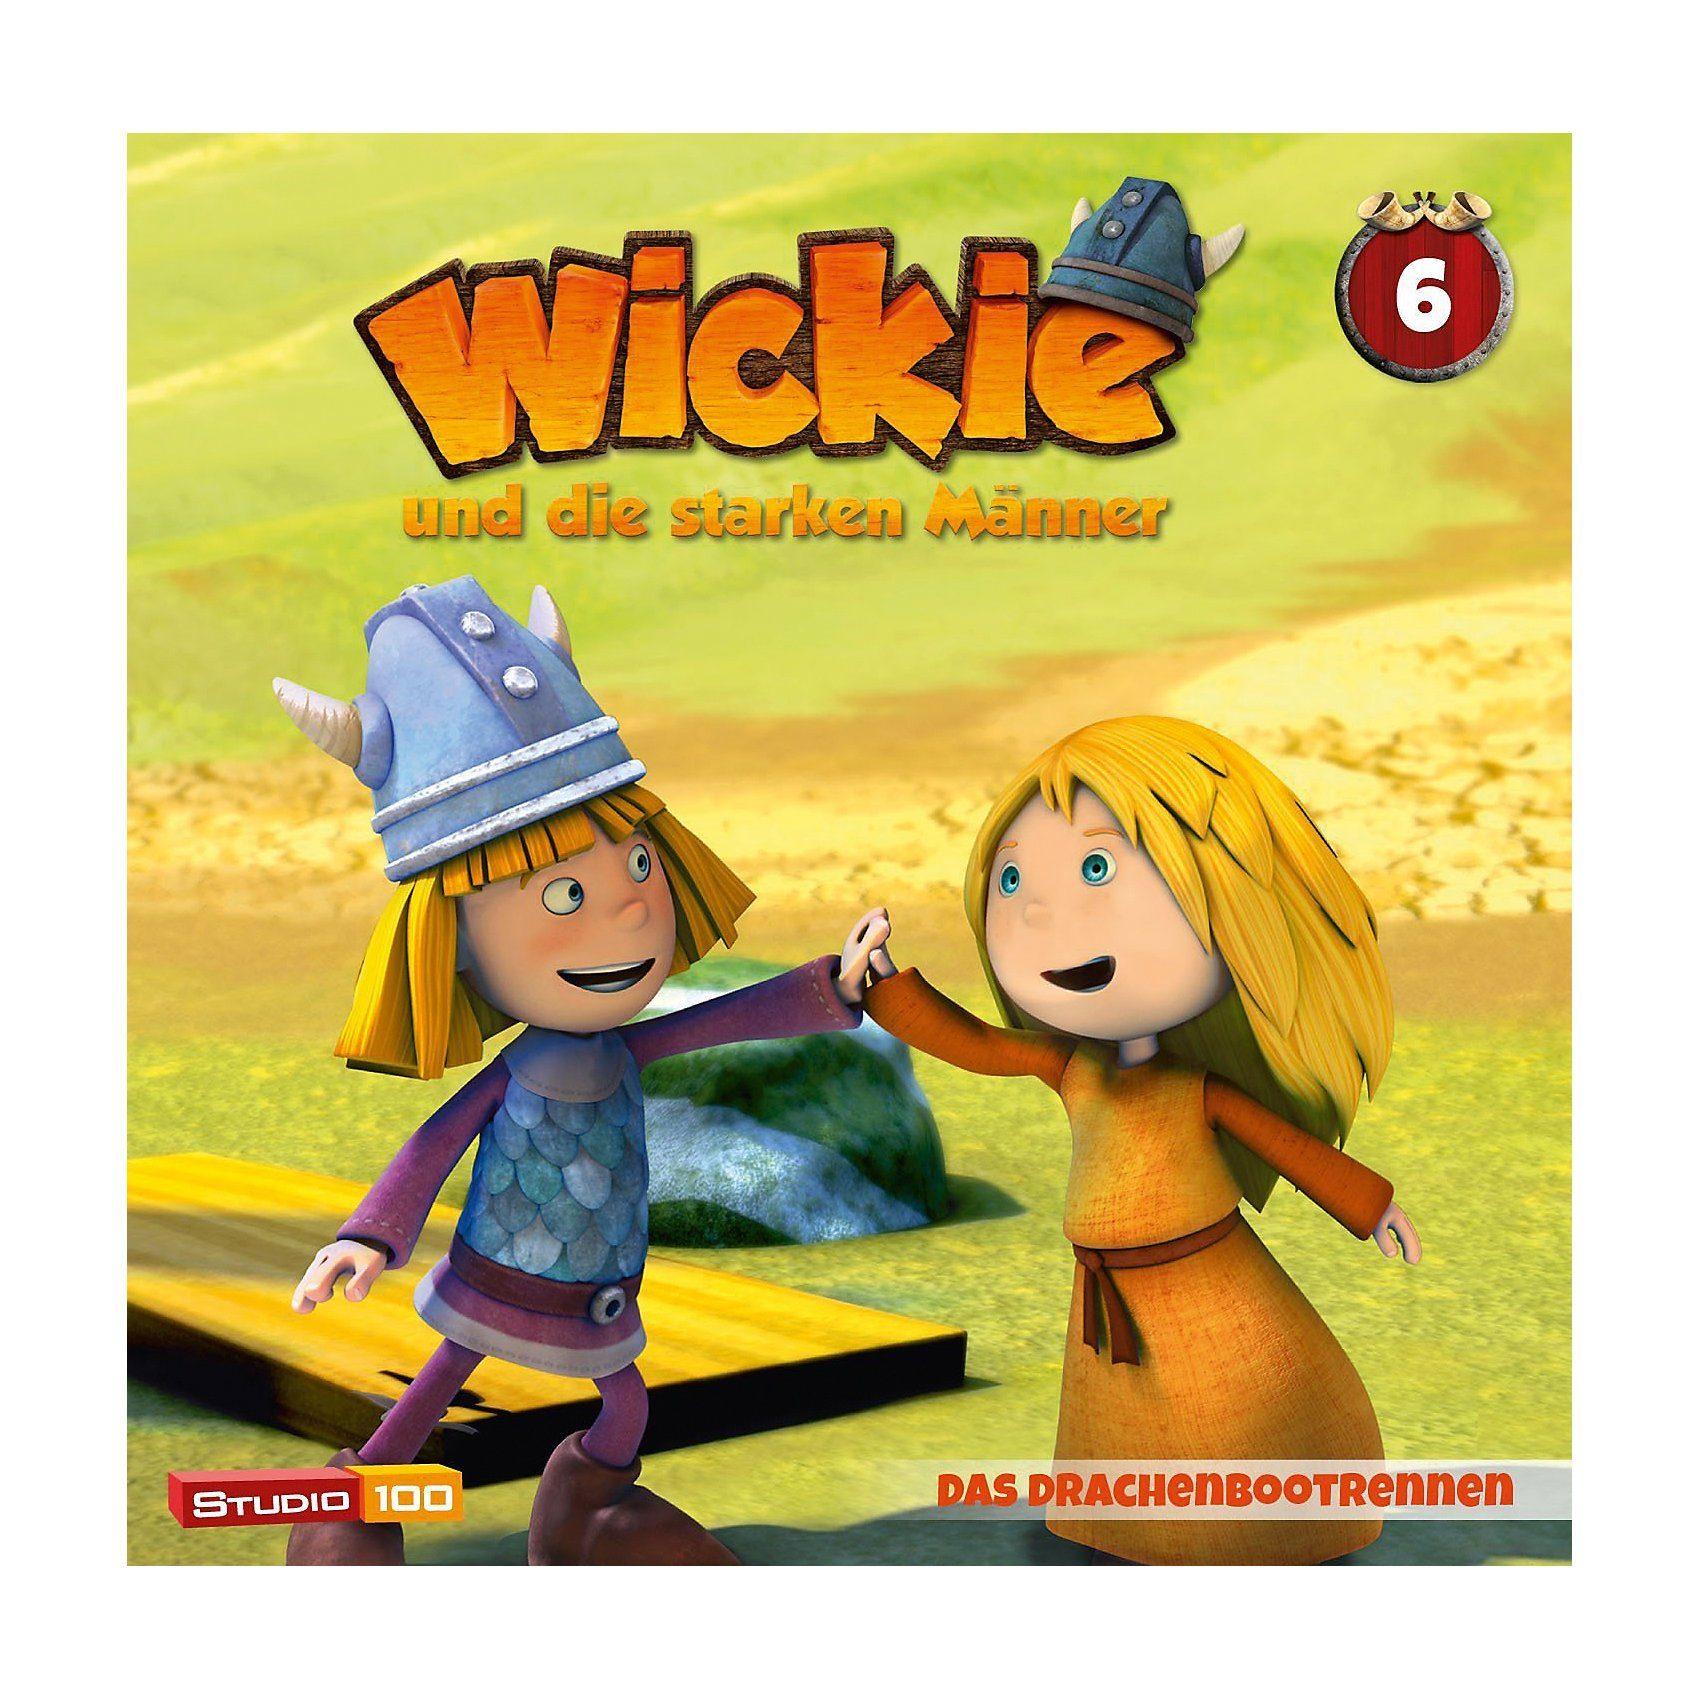 Universal CD Wickie 06 - Das Drachenbootrennen (Cgi)